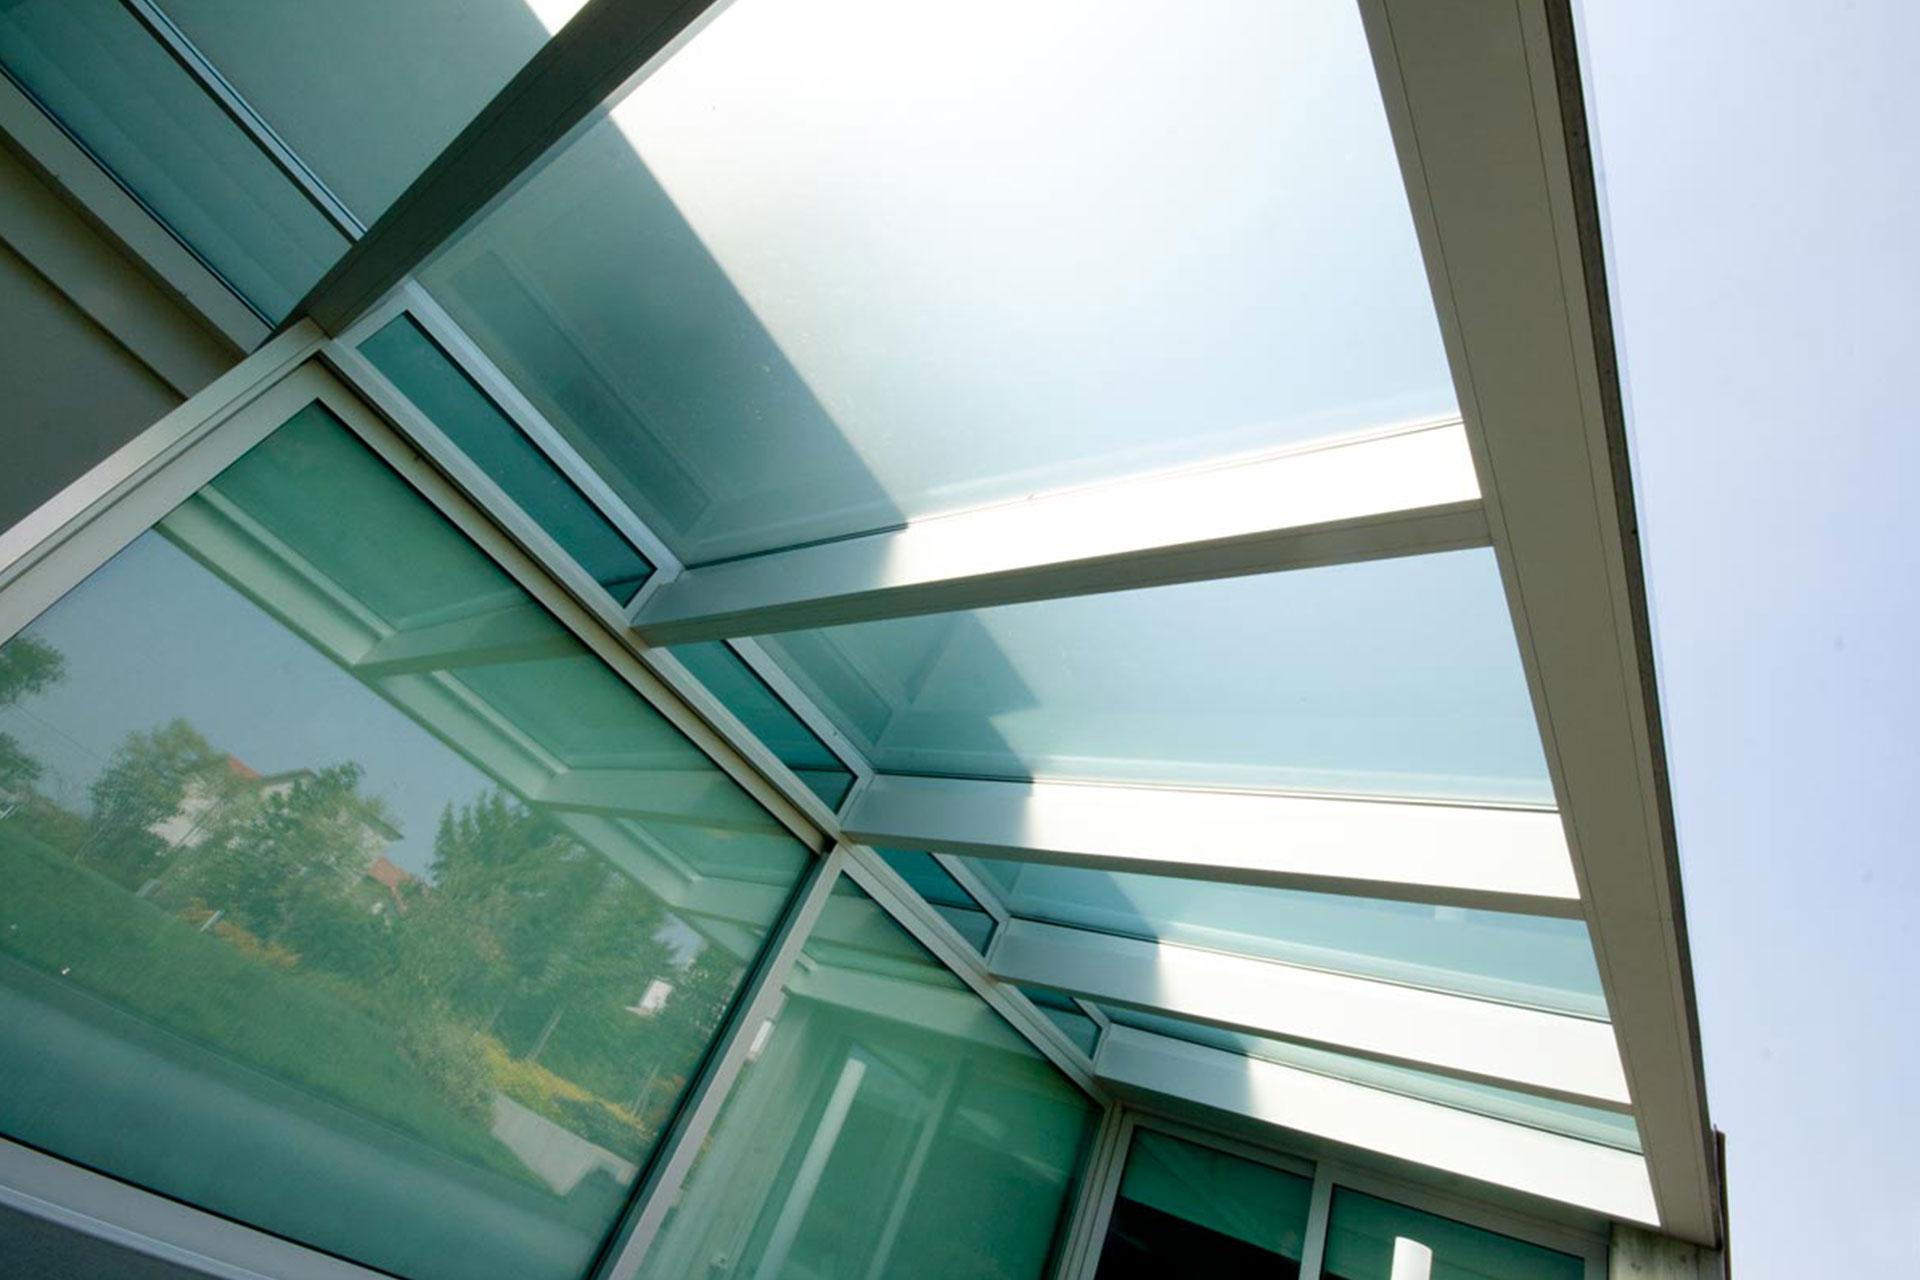 installazione serramenti tetto bianchi udine casa privata